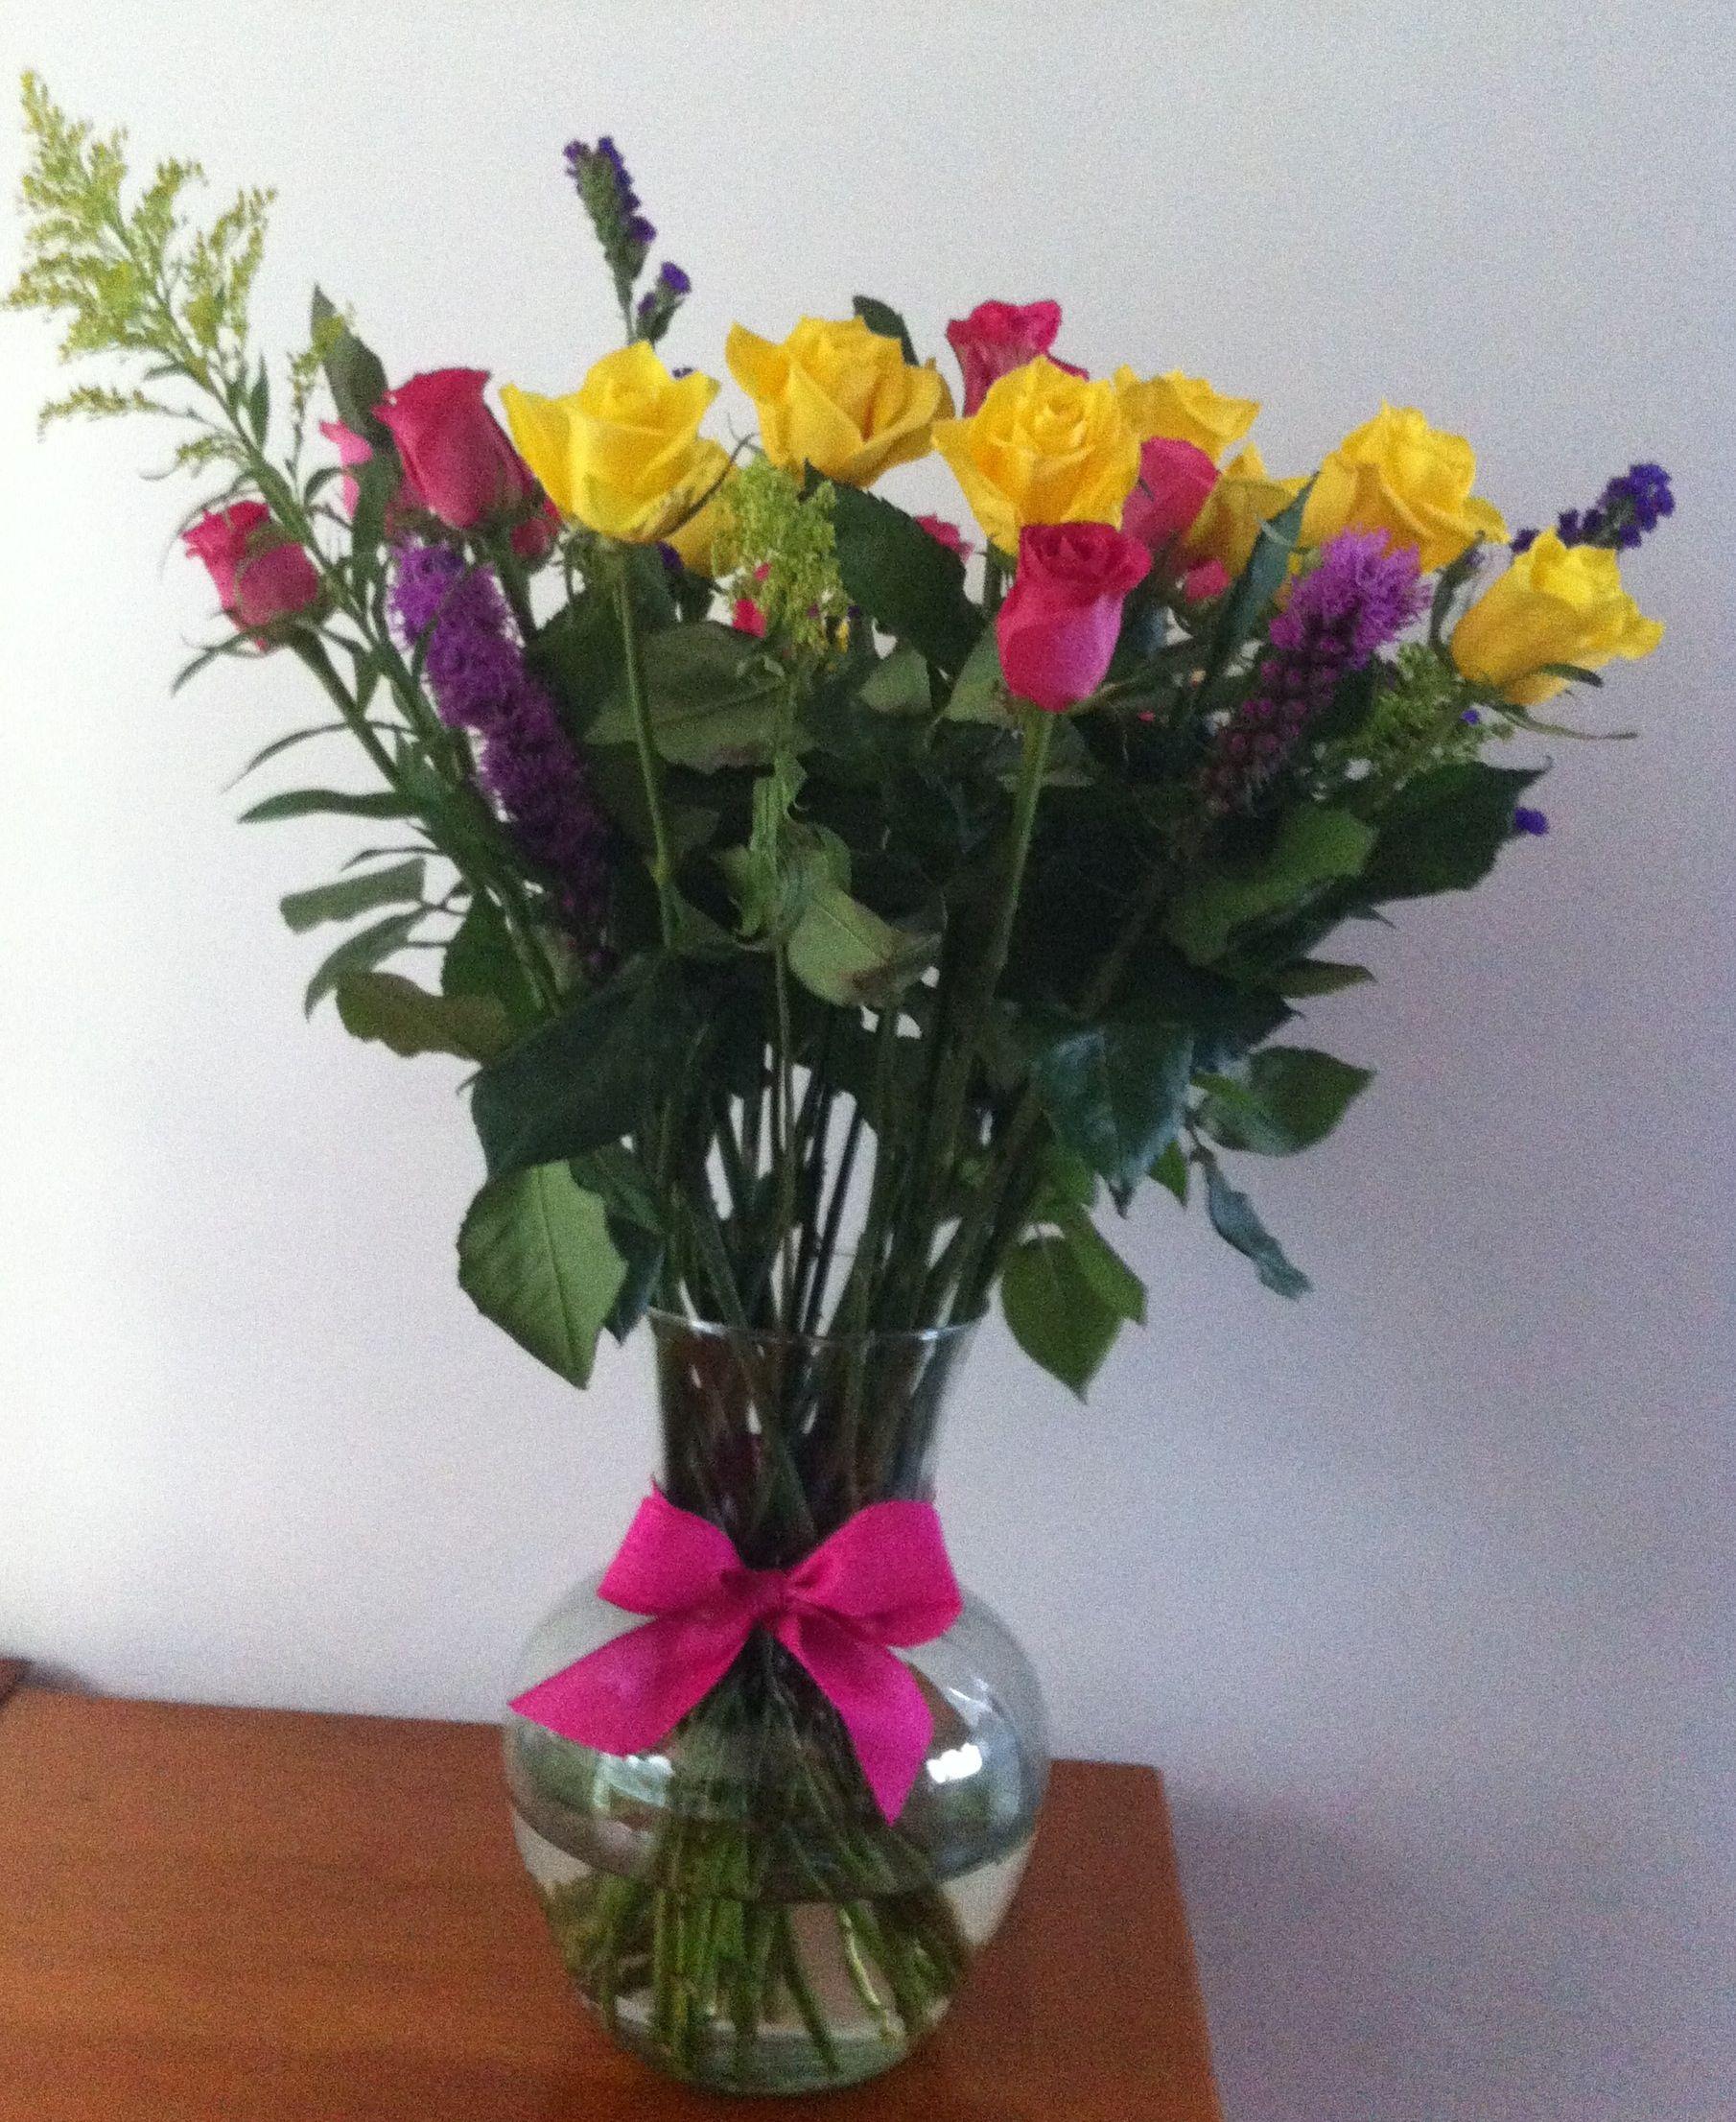 Rosas amarillas y rosas con liatris statice morado y solidago en rosas amarillas y rosas con liatris statice morado y solidago en jarrn de cristal y floridaeventfo Image collections